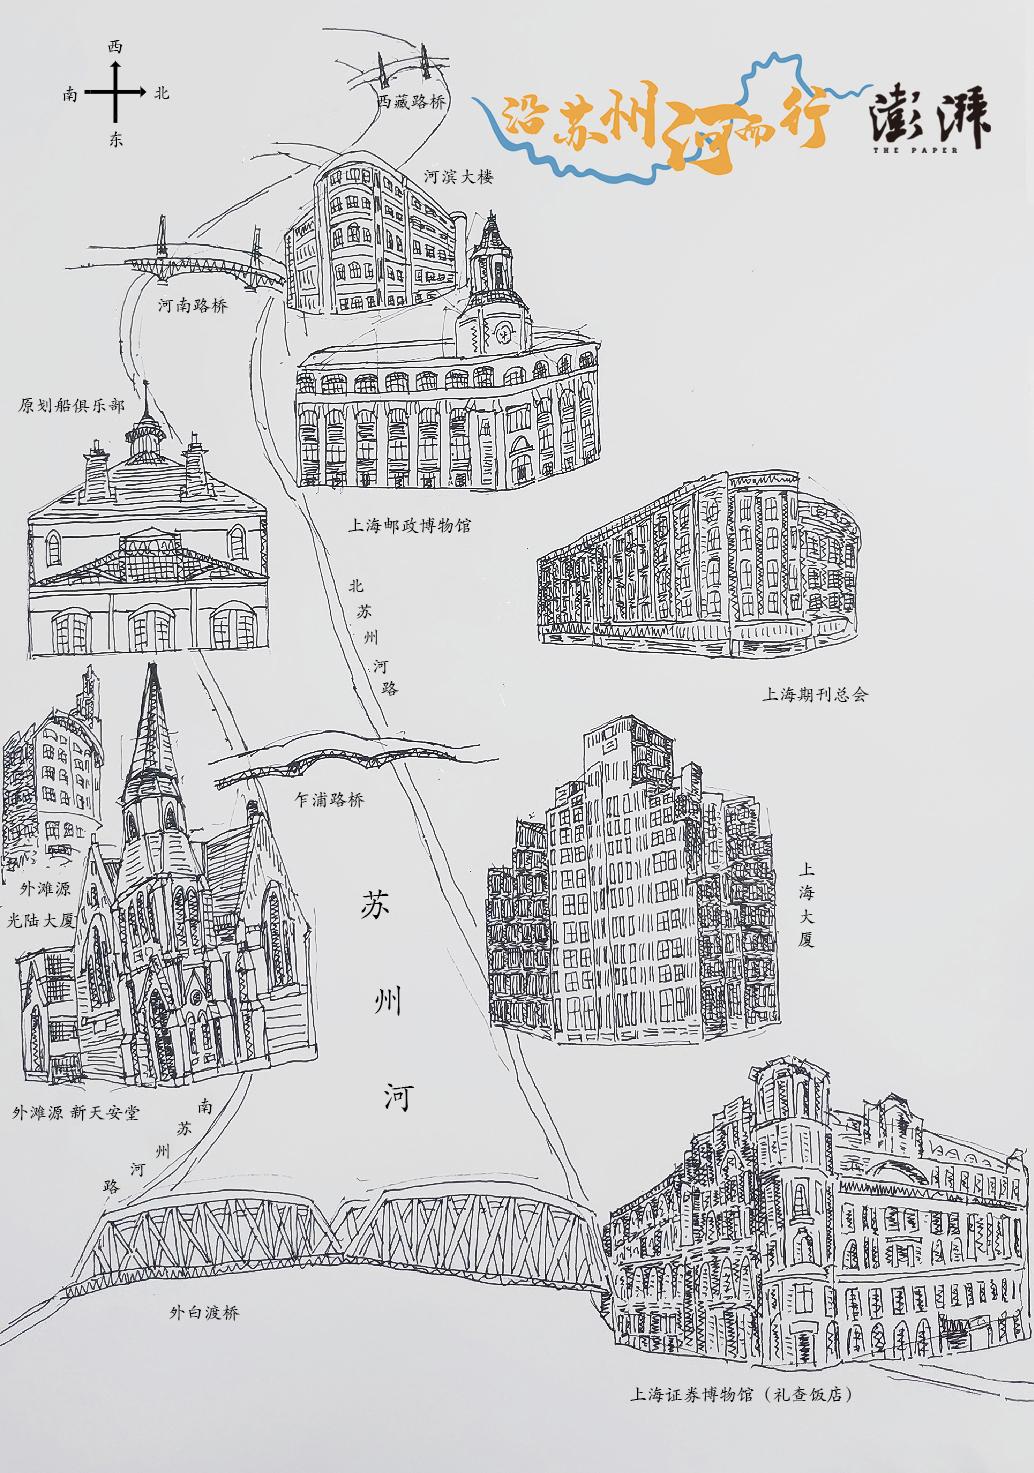 """""""沿苏州河而行""""第一段漫步地图。 陈鑫培 绘制"""